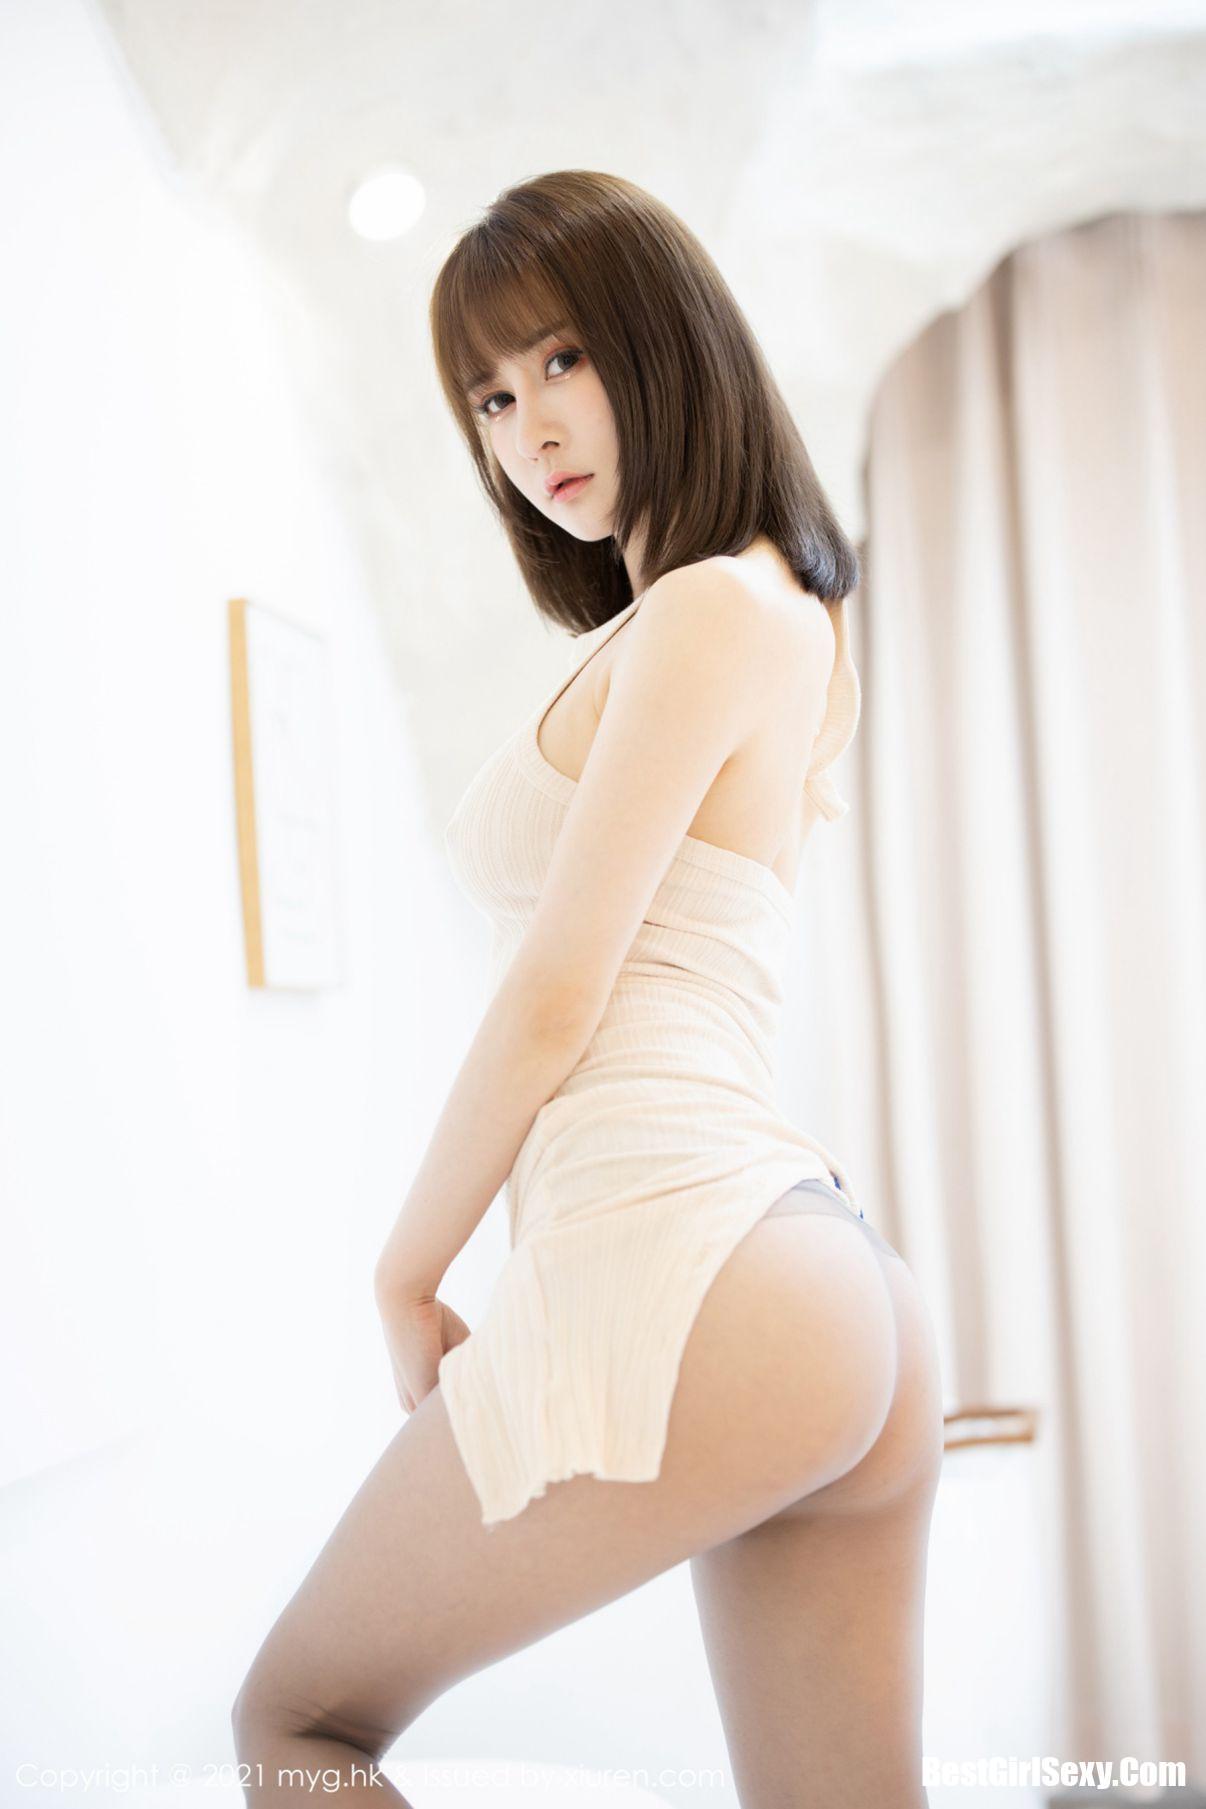 蔡文钰Abby, MyGirl美媛馆 Vol.524 Cai Wen Yu Abby, MyGirl美媛馆 Vol.524, Cai Wen Yu Abby